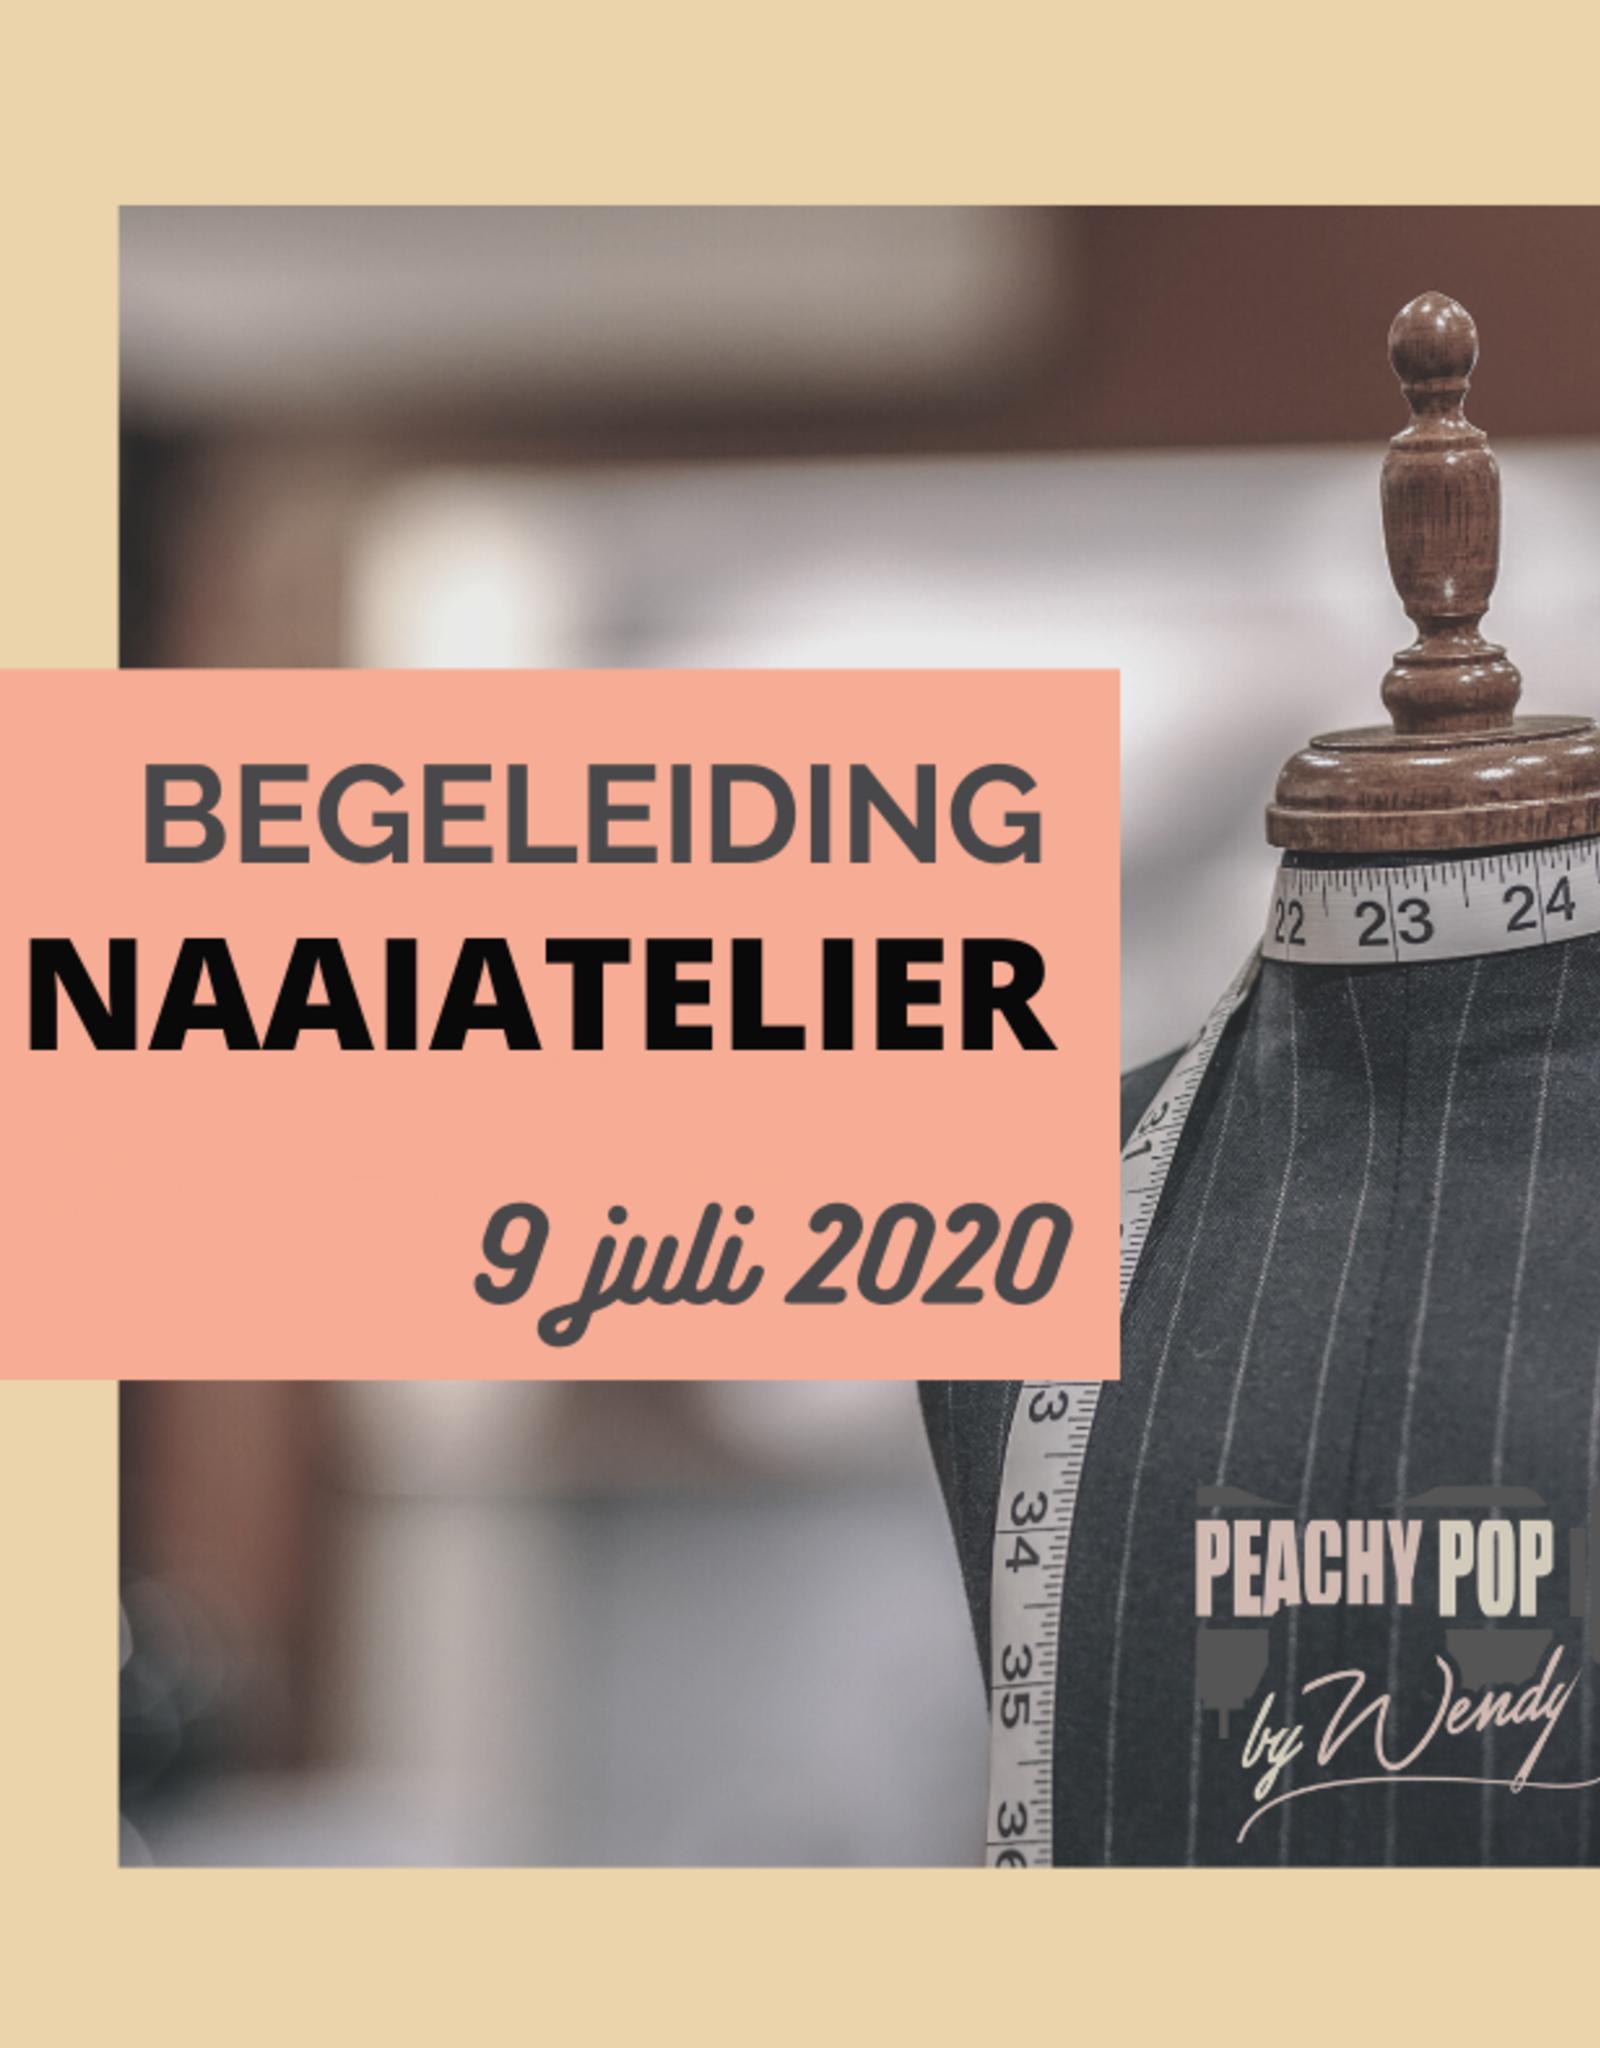 Workshop BEGELEID NAAIATELIER 09/07/20